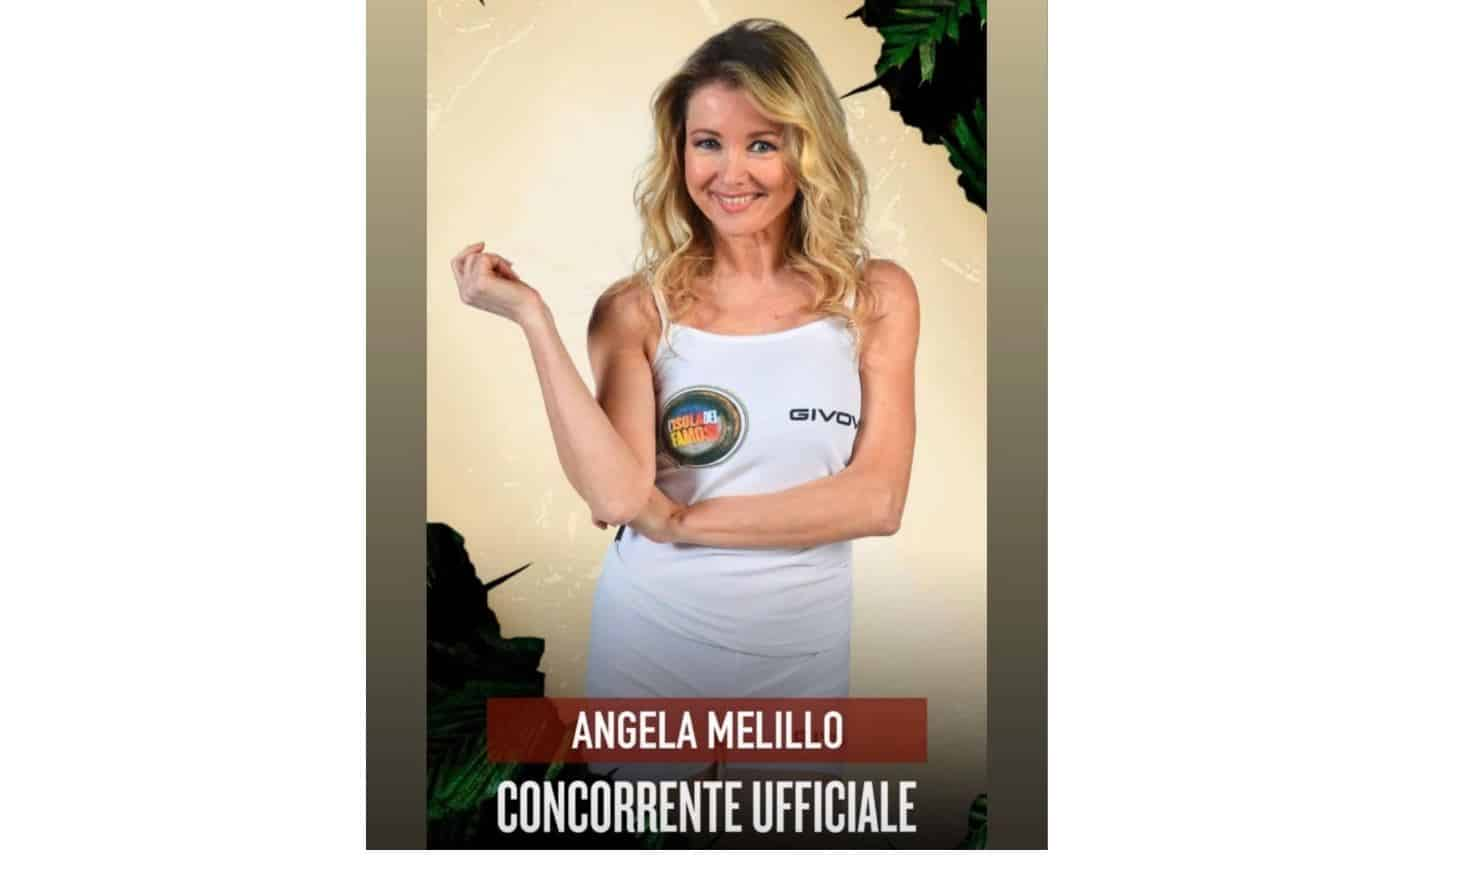 Angela Melillo all'Isola dei famosi 2021: dopo la Talpa vuole vincere anche in Honduras